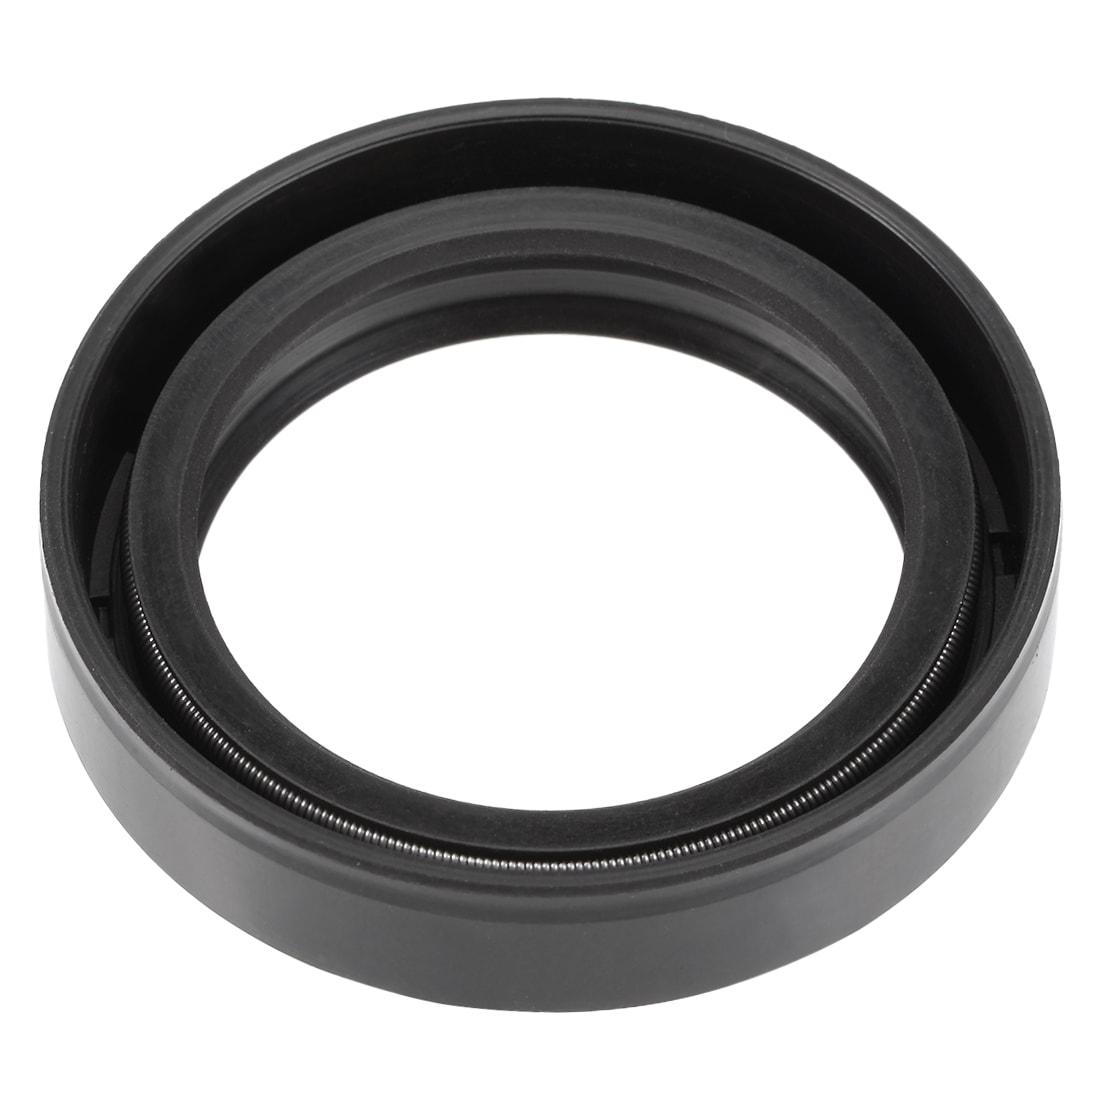 Metric Oil Seal Twin Lip 40mm x 80mm x 12mm